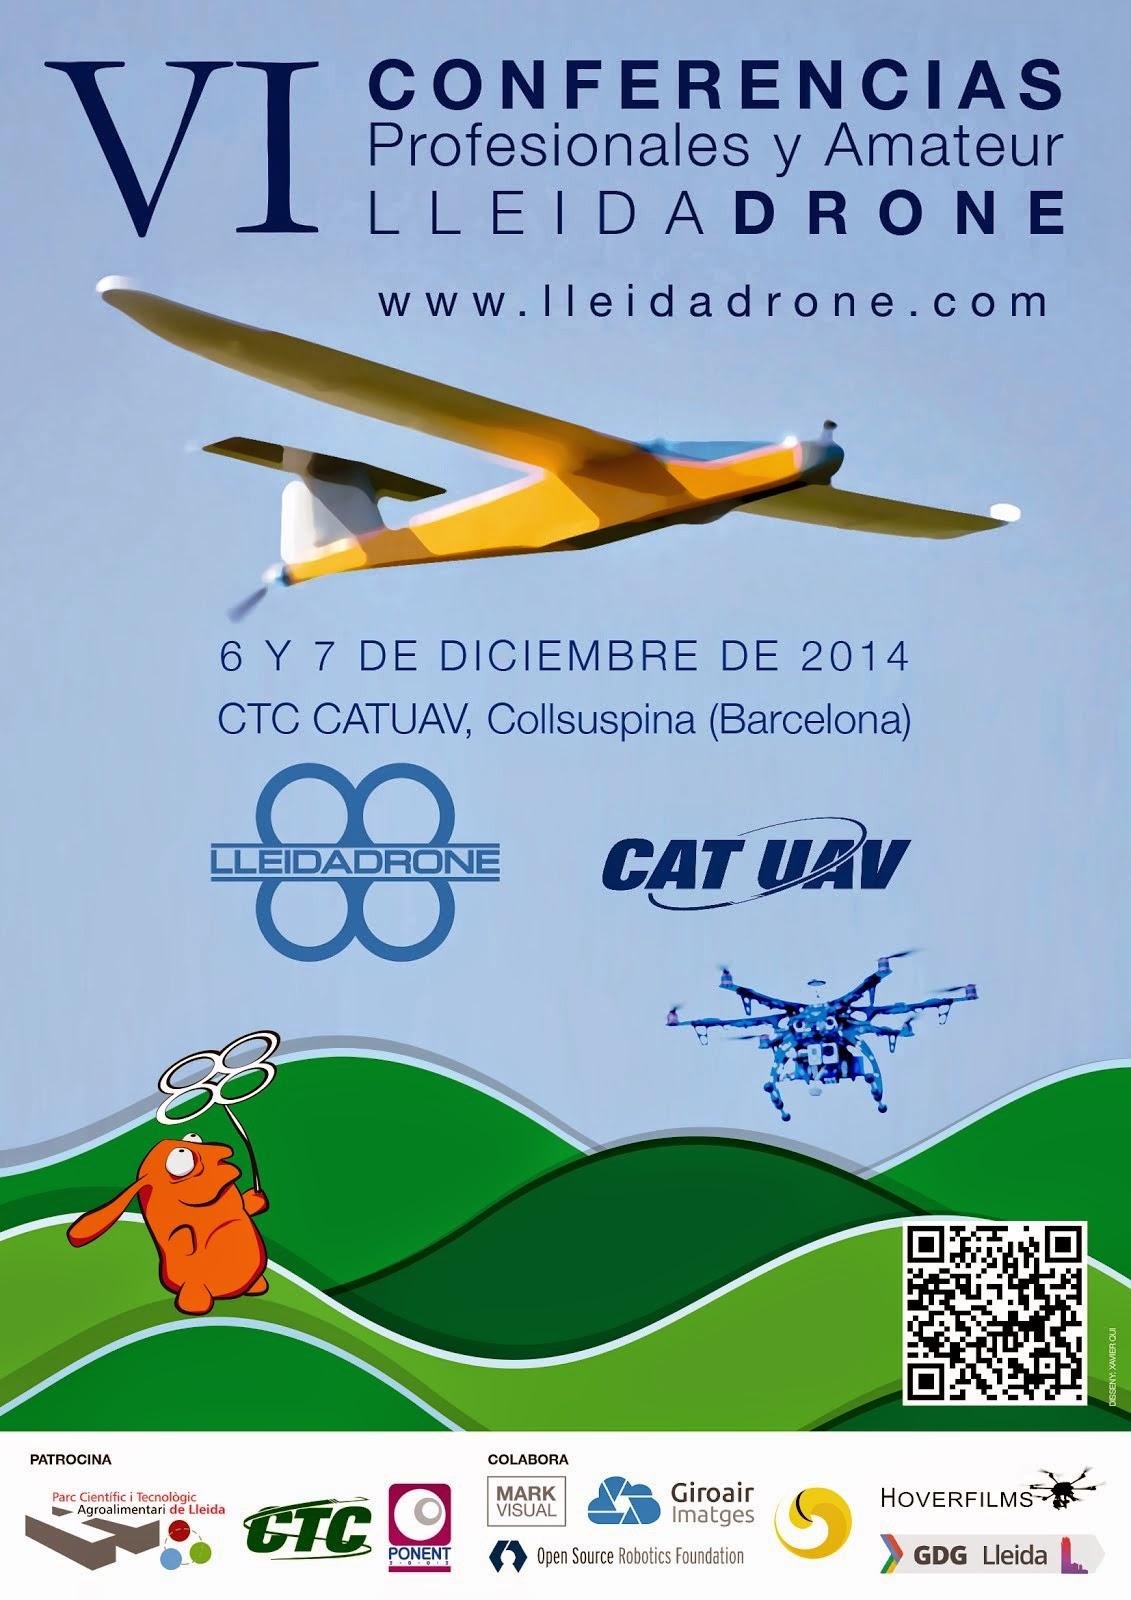 VI Conferencias de Lleida Drone